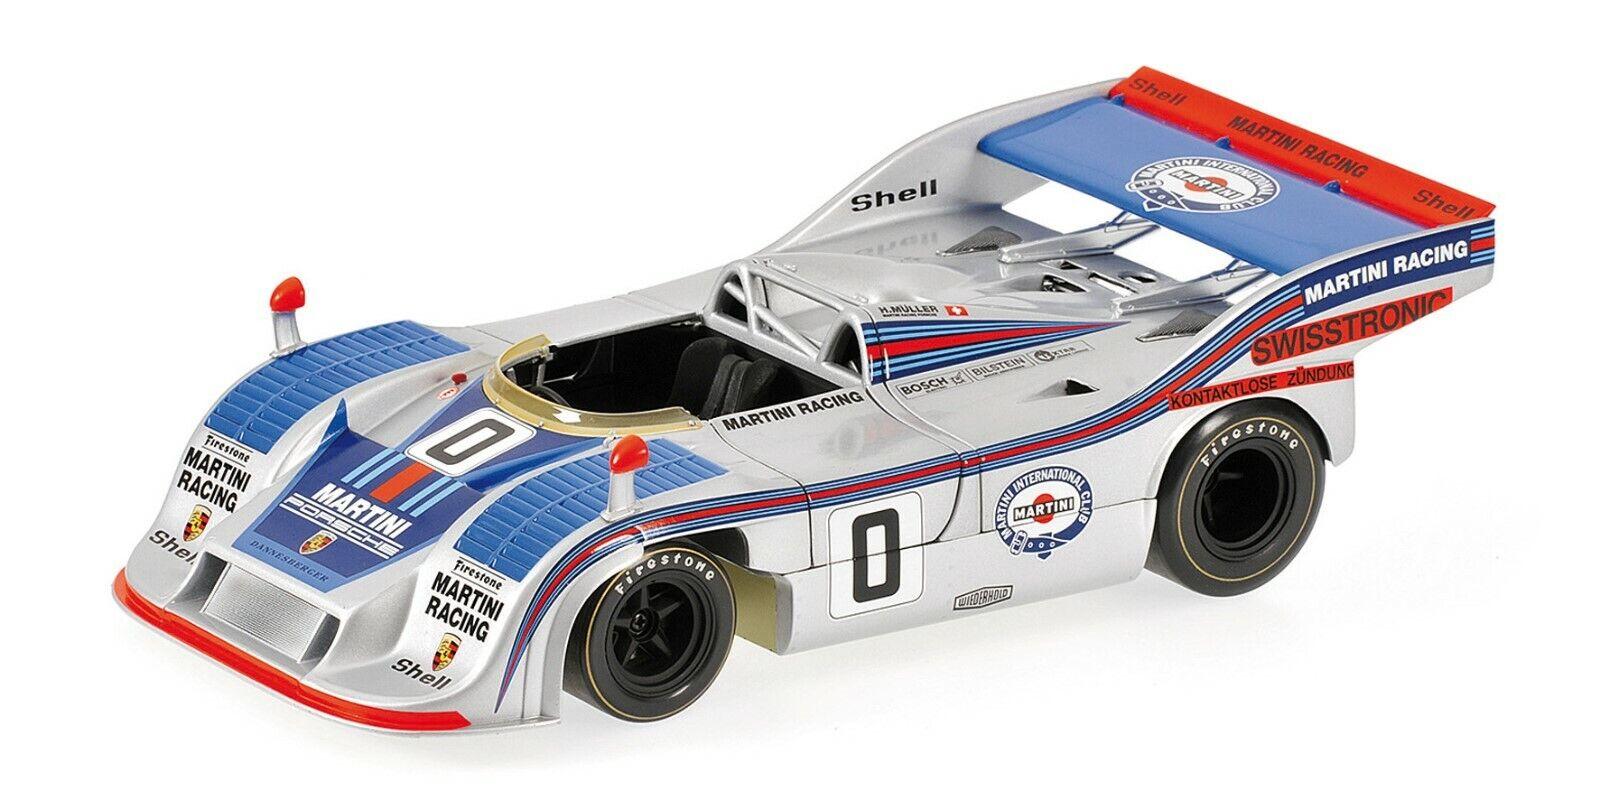 1 18 Minichamps 100746100 1974 PORSCHE 917 20 Martini Champions Interserie Lmtd.